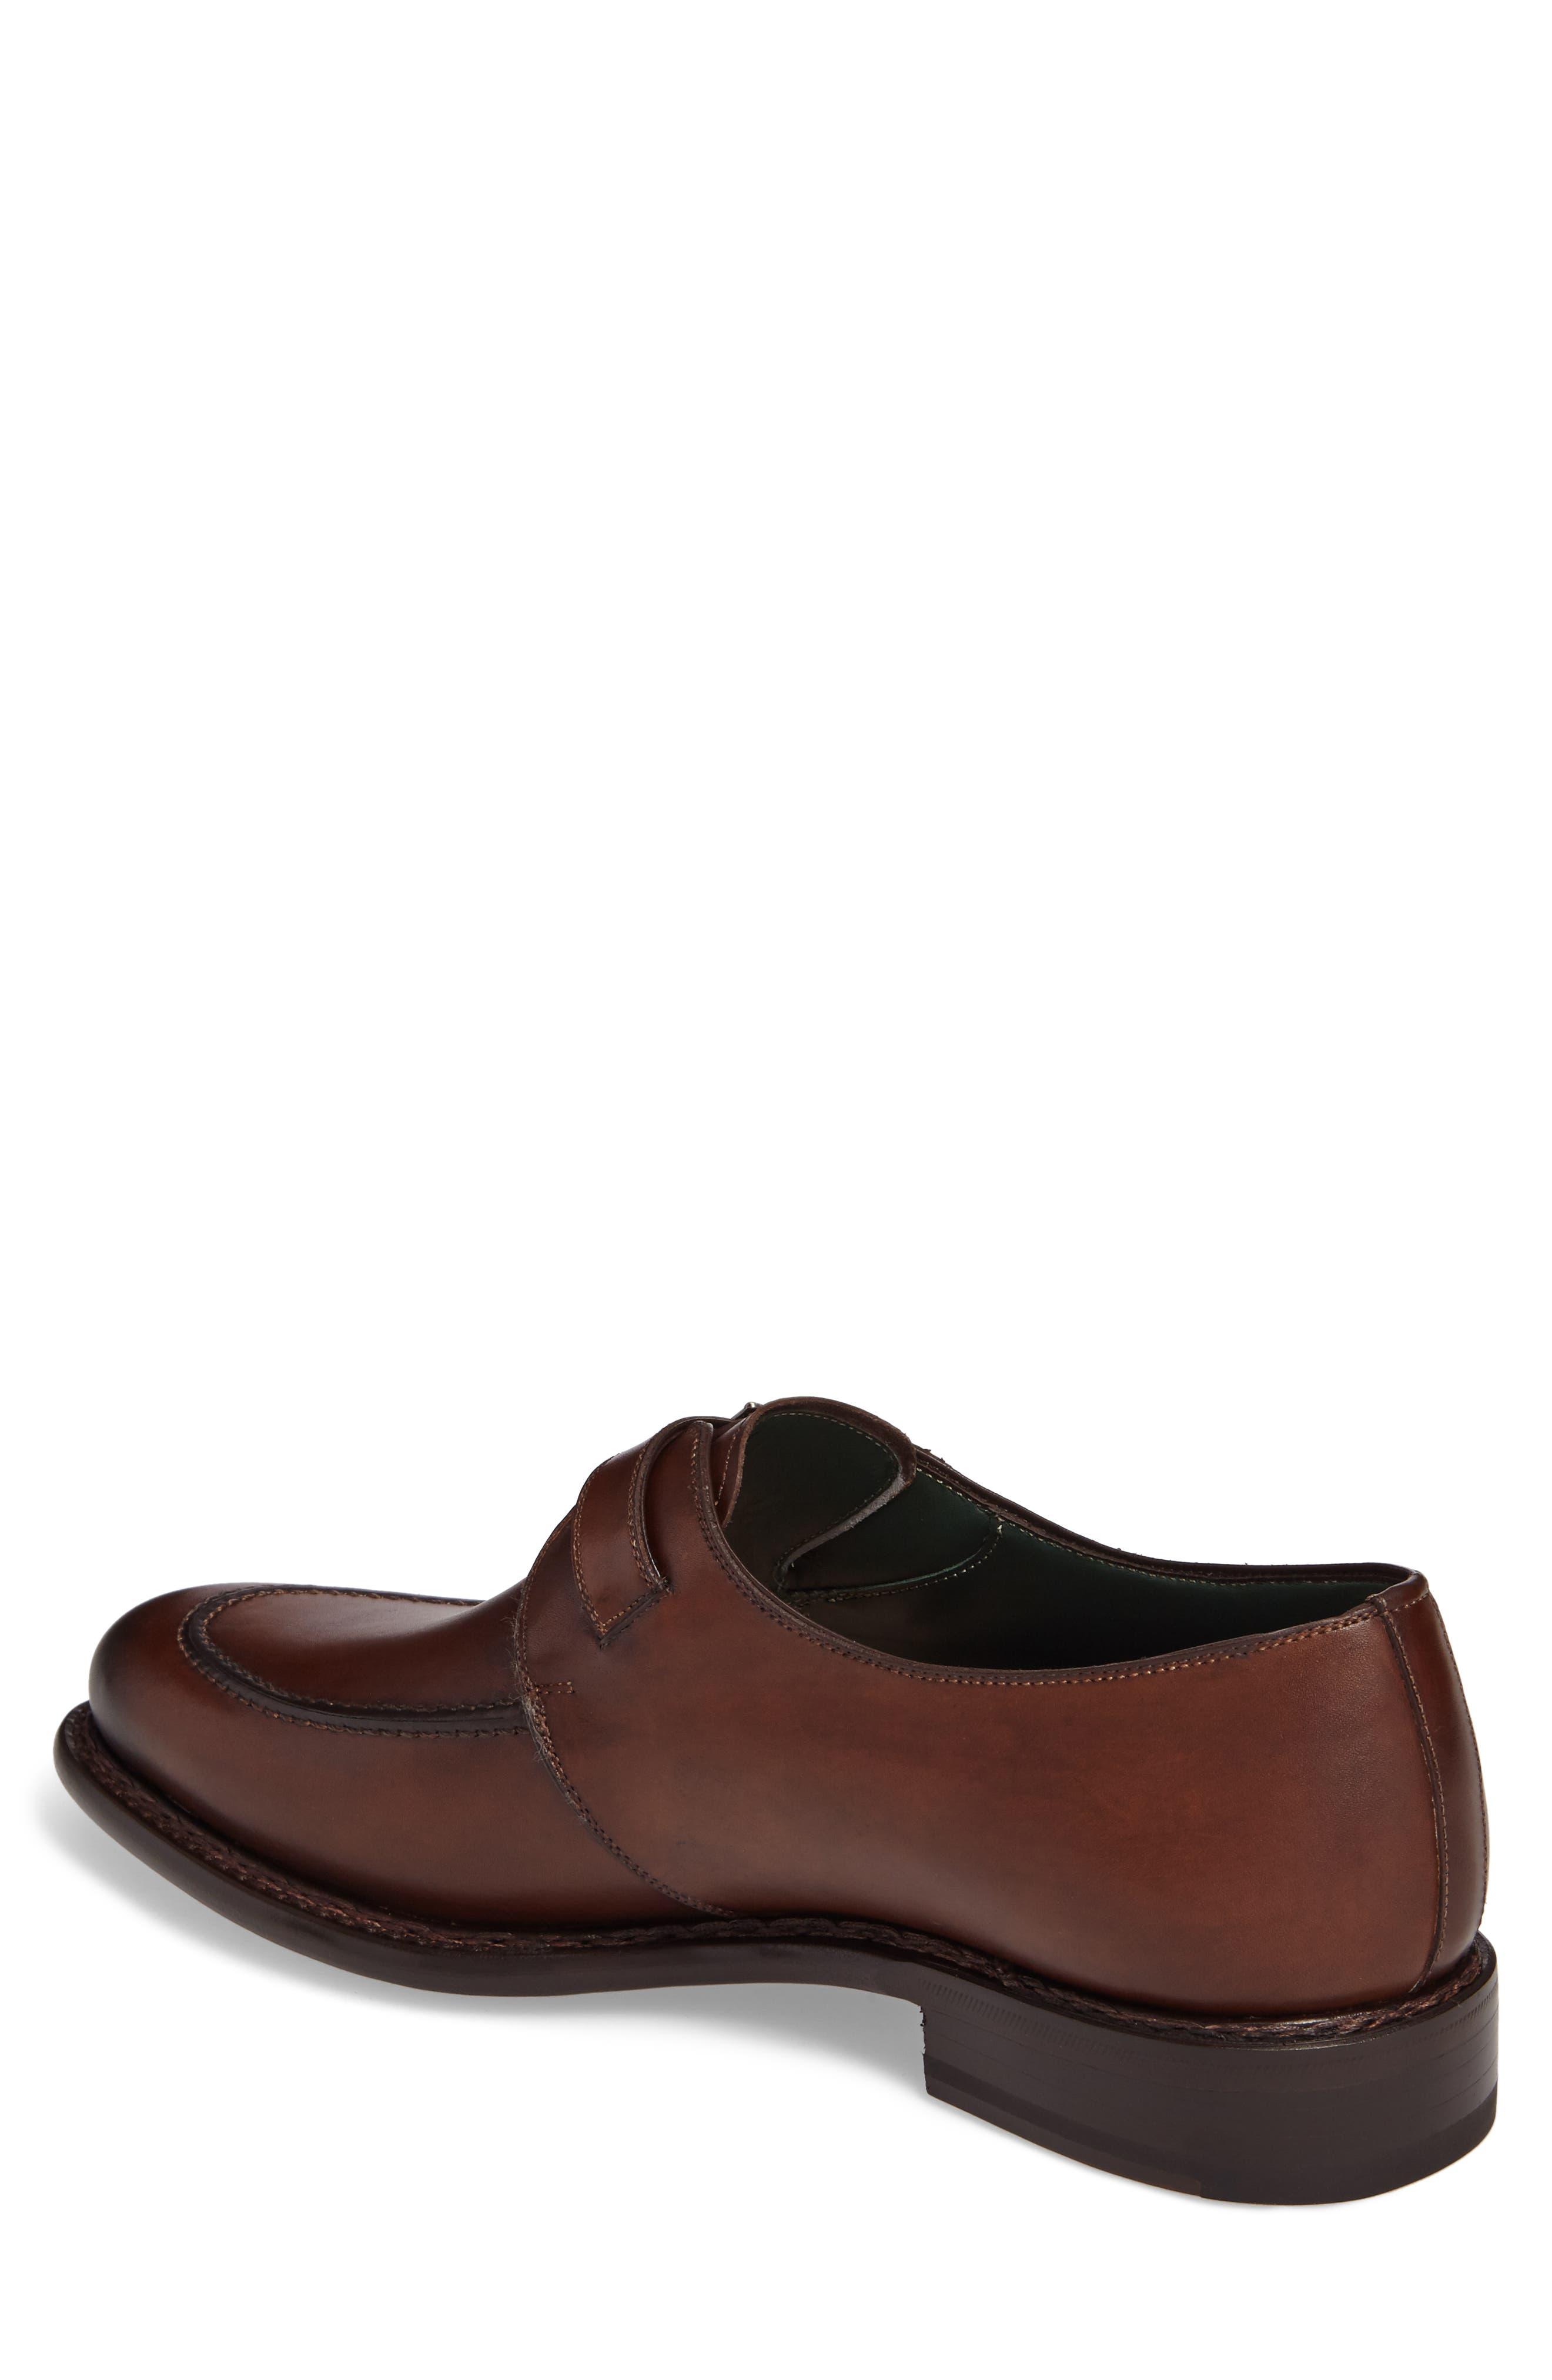 Aguilar Monk Strap Shoe,                             Alternate thumbnail 2, color,                             COGNAC LEATHER